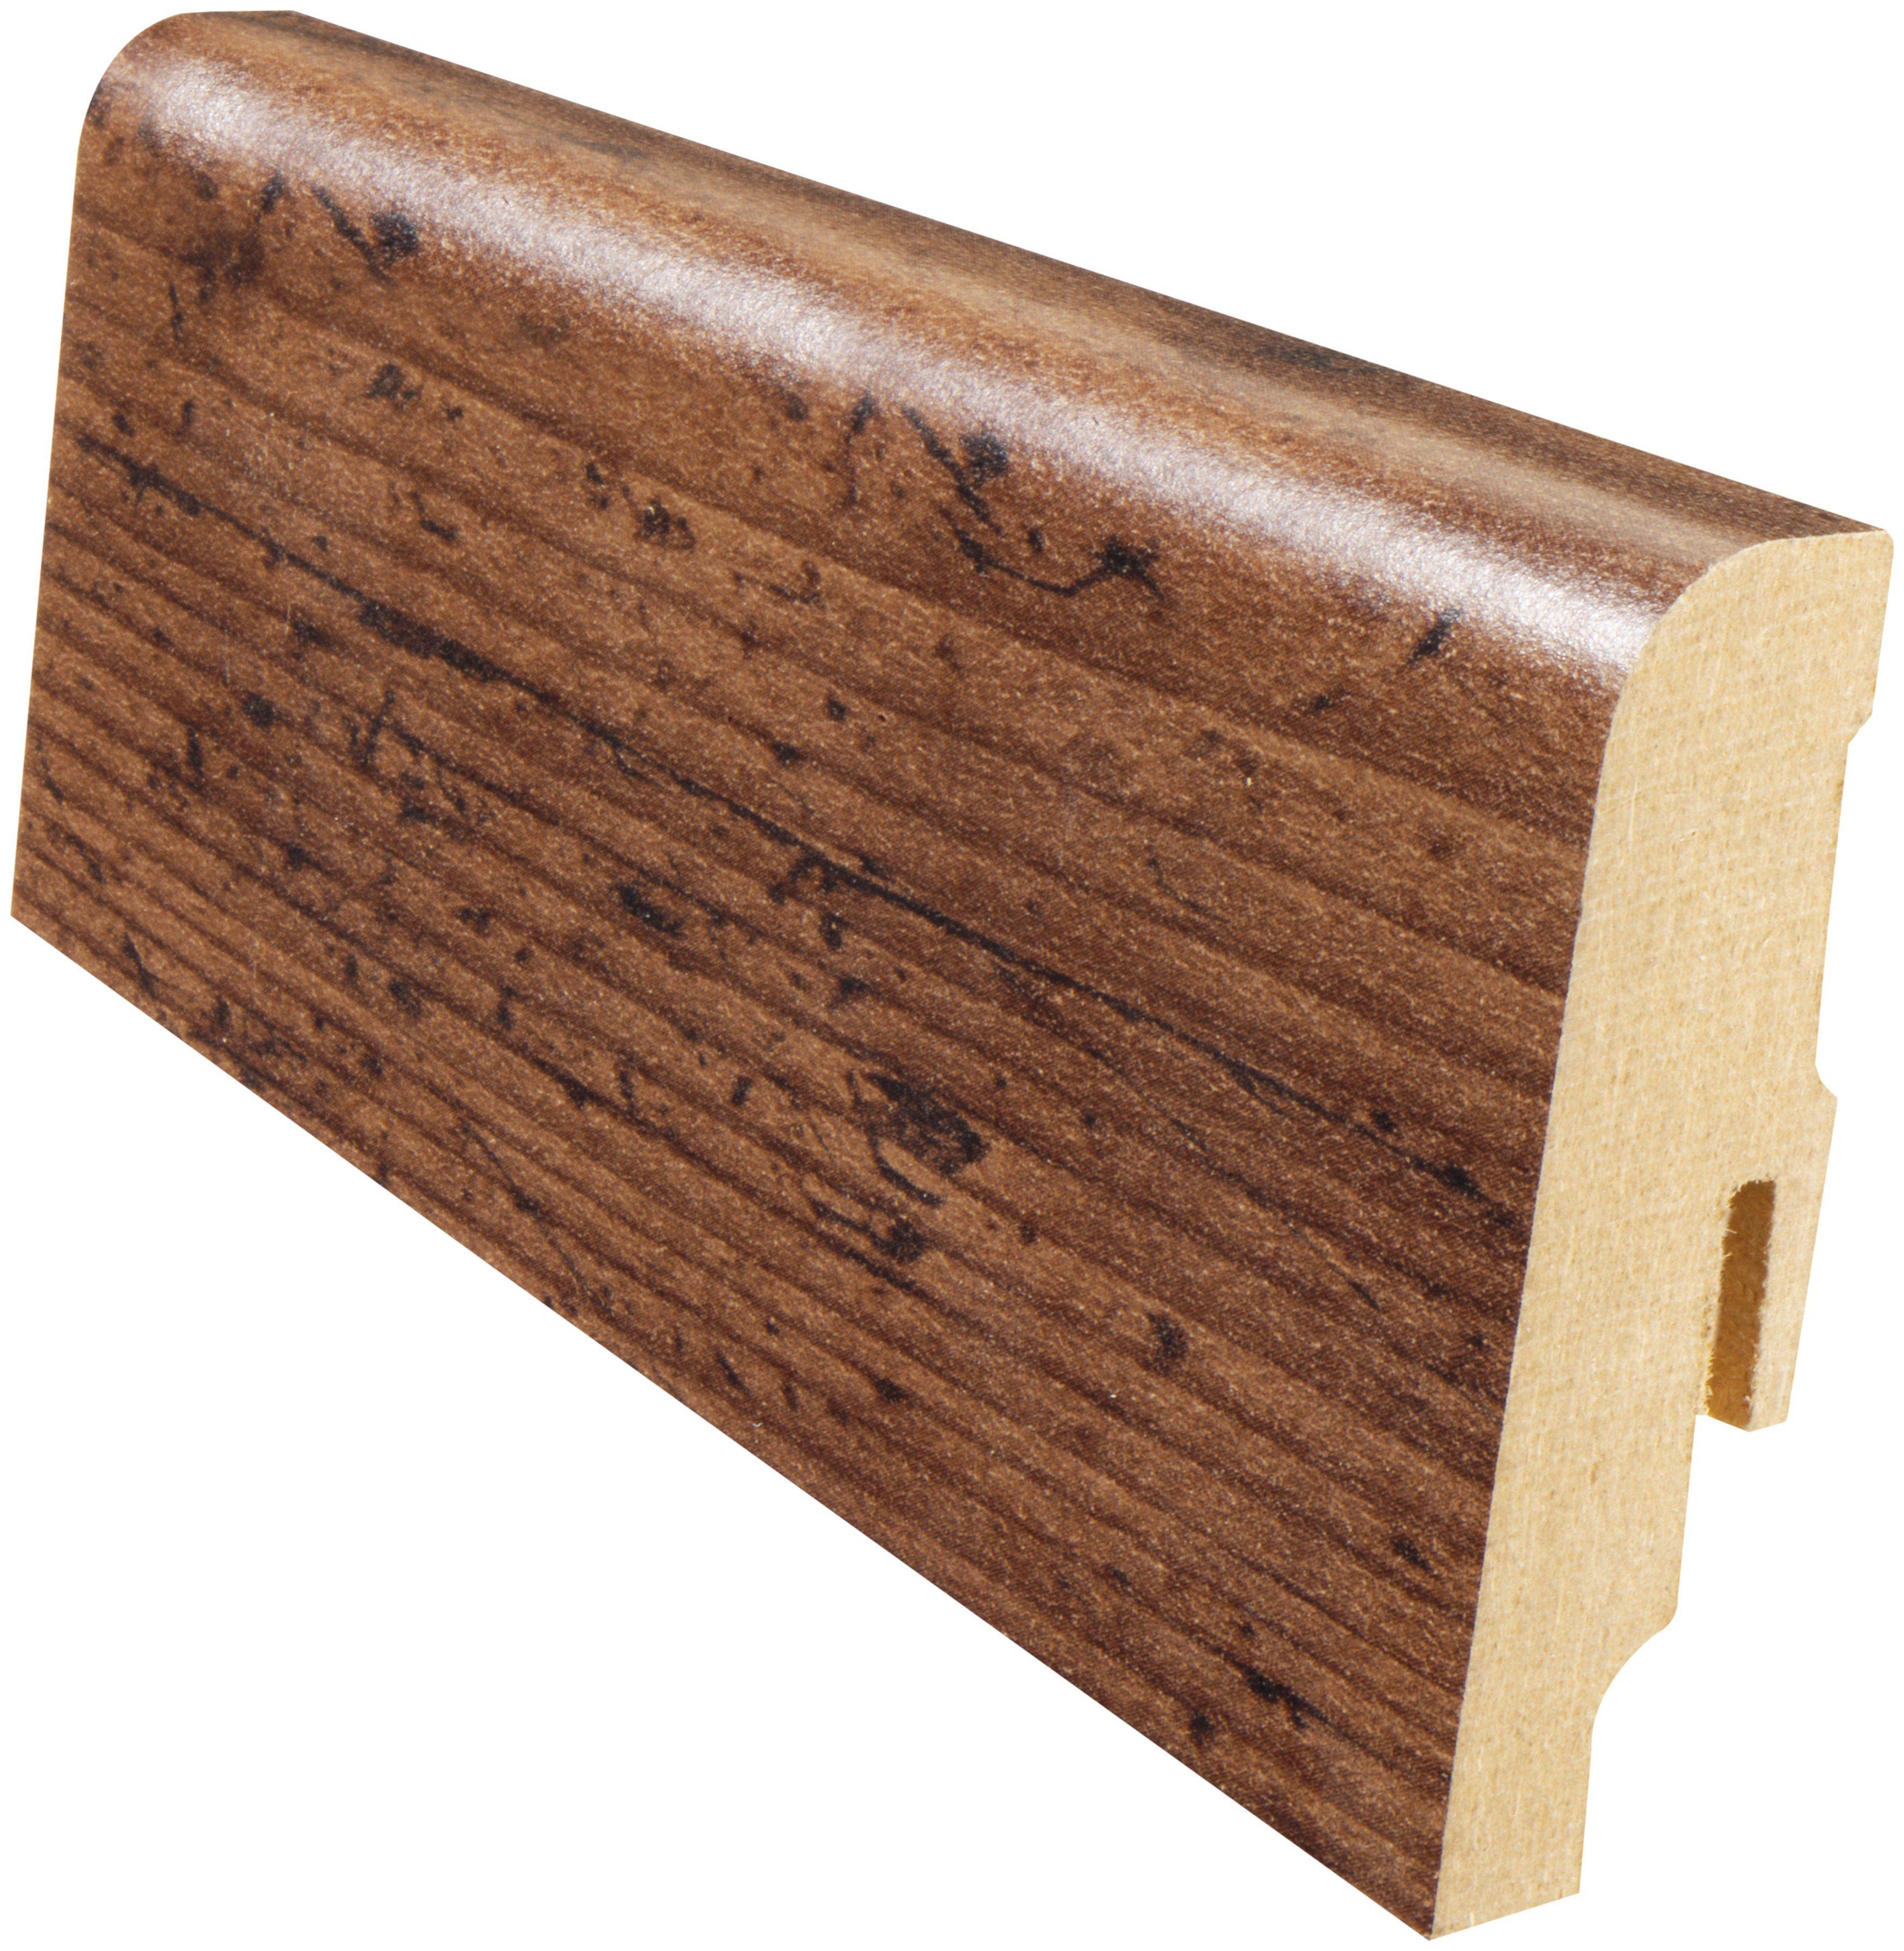 MODERNA Sockelleiste »Akzentfussleiste AFL 60 - Heritage Eiche«, 1 Stk., Höhe: 6 cm